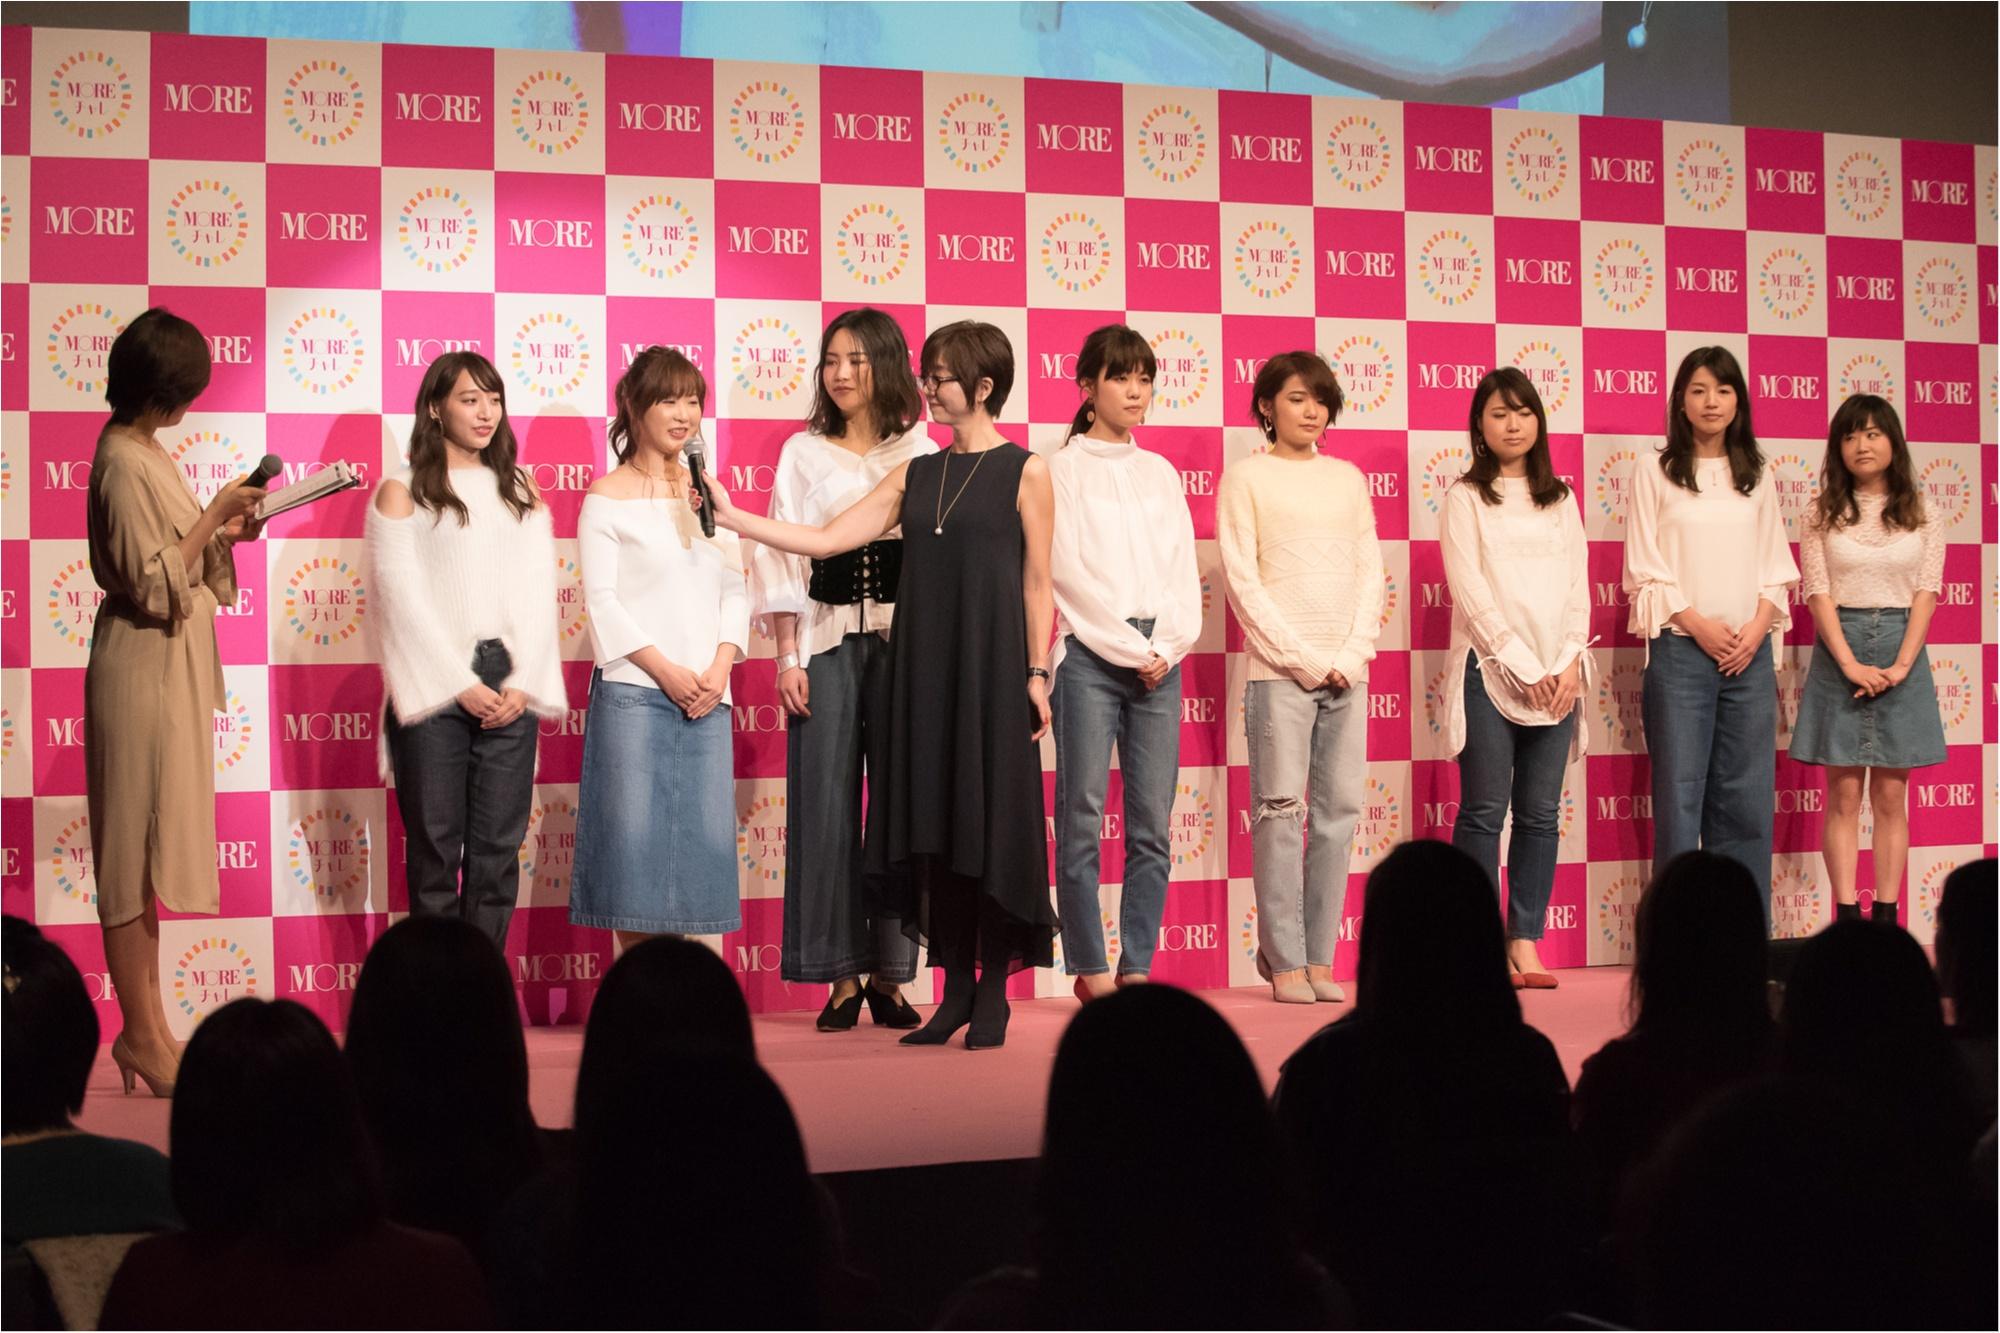 「モアチャレ」ついに完結☆ MORE40周年記念『モアチャレ』報告会イベントで、感動の涙と輝く笑顔に会えました!!!_1